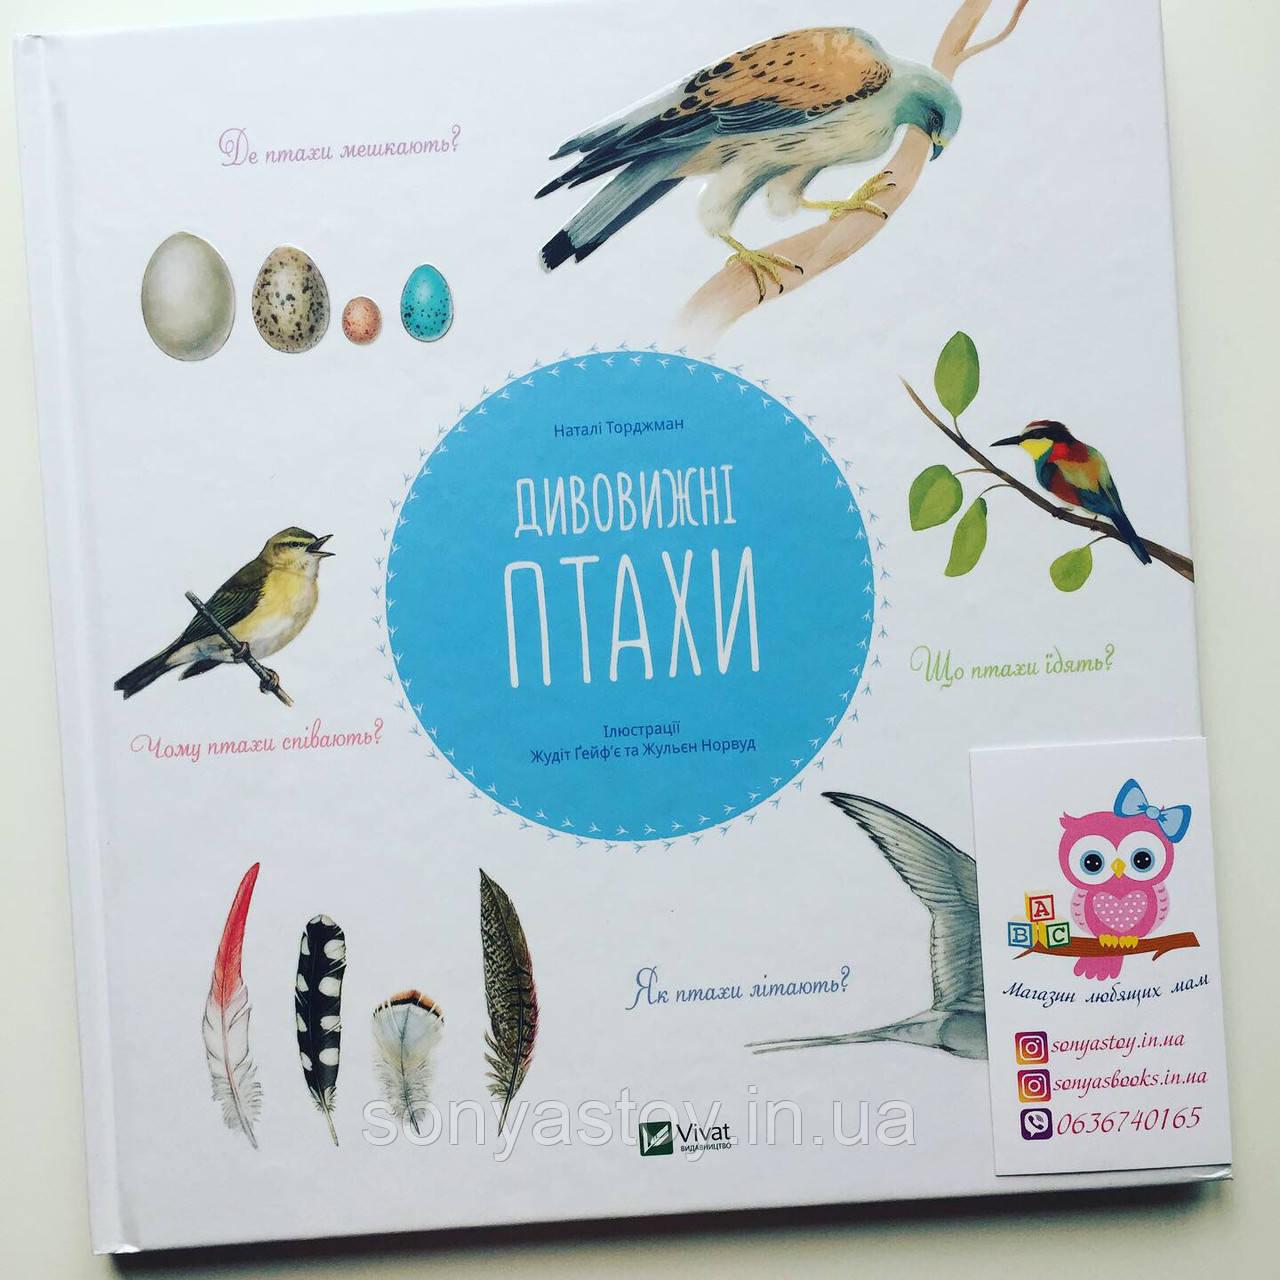 """Энциклопедія для дітей та дорослих """"Дивовижні птахи"""", 3+, фото 1"""